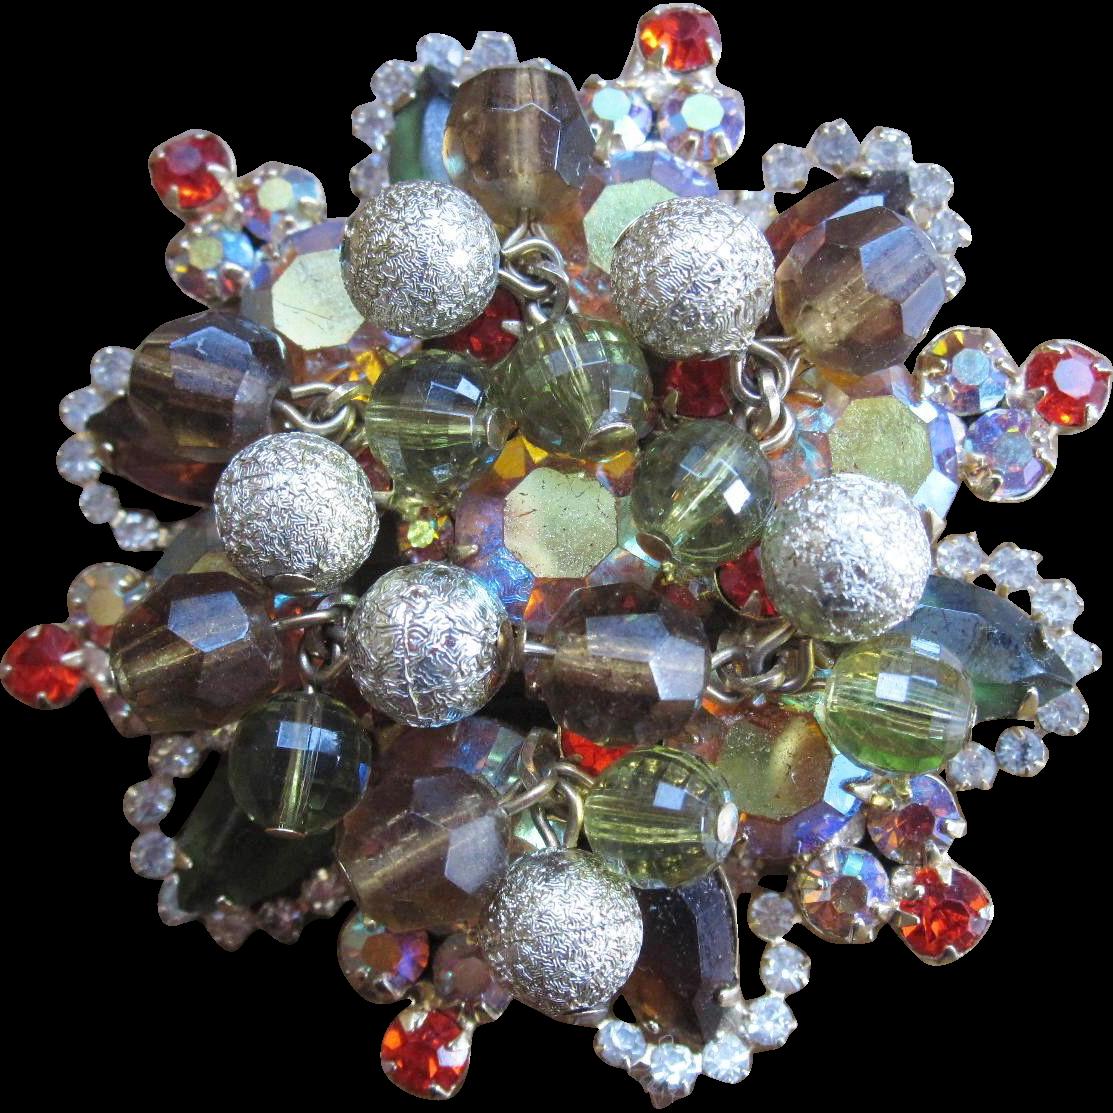 Stunning Juilana Brooch with silvered dangle balls and aurora borealis, vintage pin